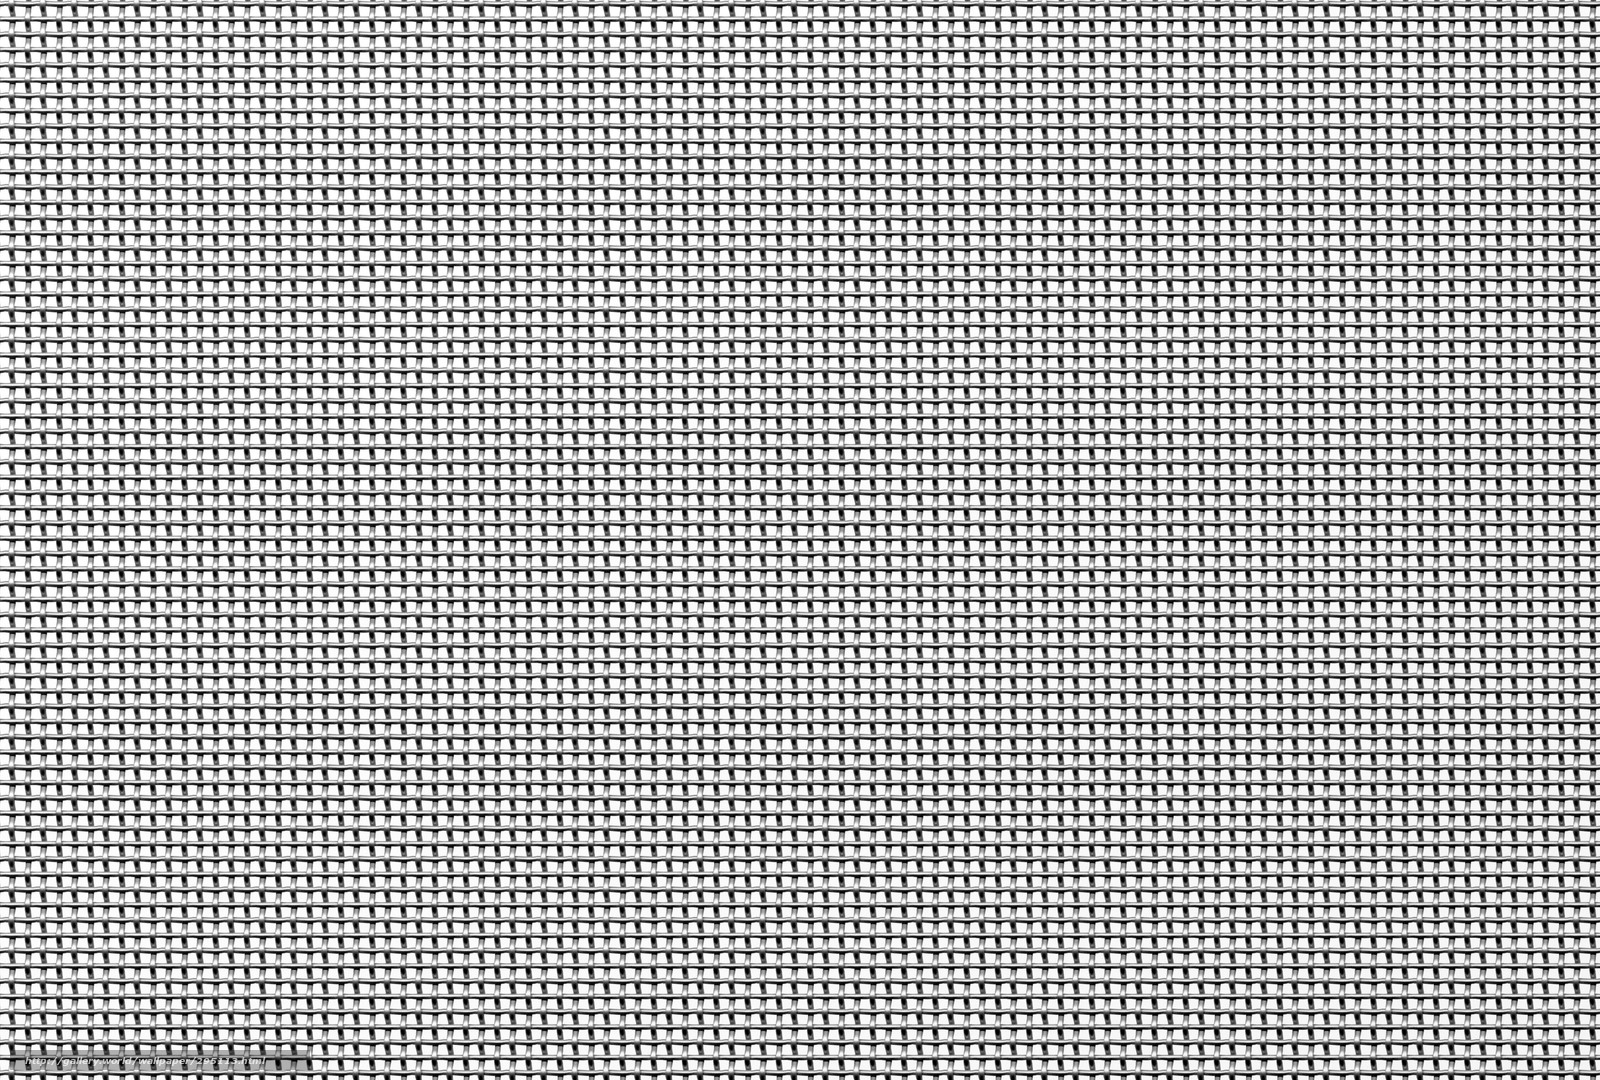 tlcharger fond d 39 ecran texture mtal insolite papier peint fonds d 39 ecran gratuits pour votre. Black Bedroom Furniture Sets. Home Design Ideas